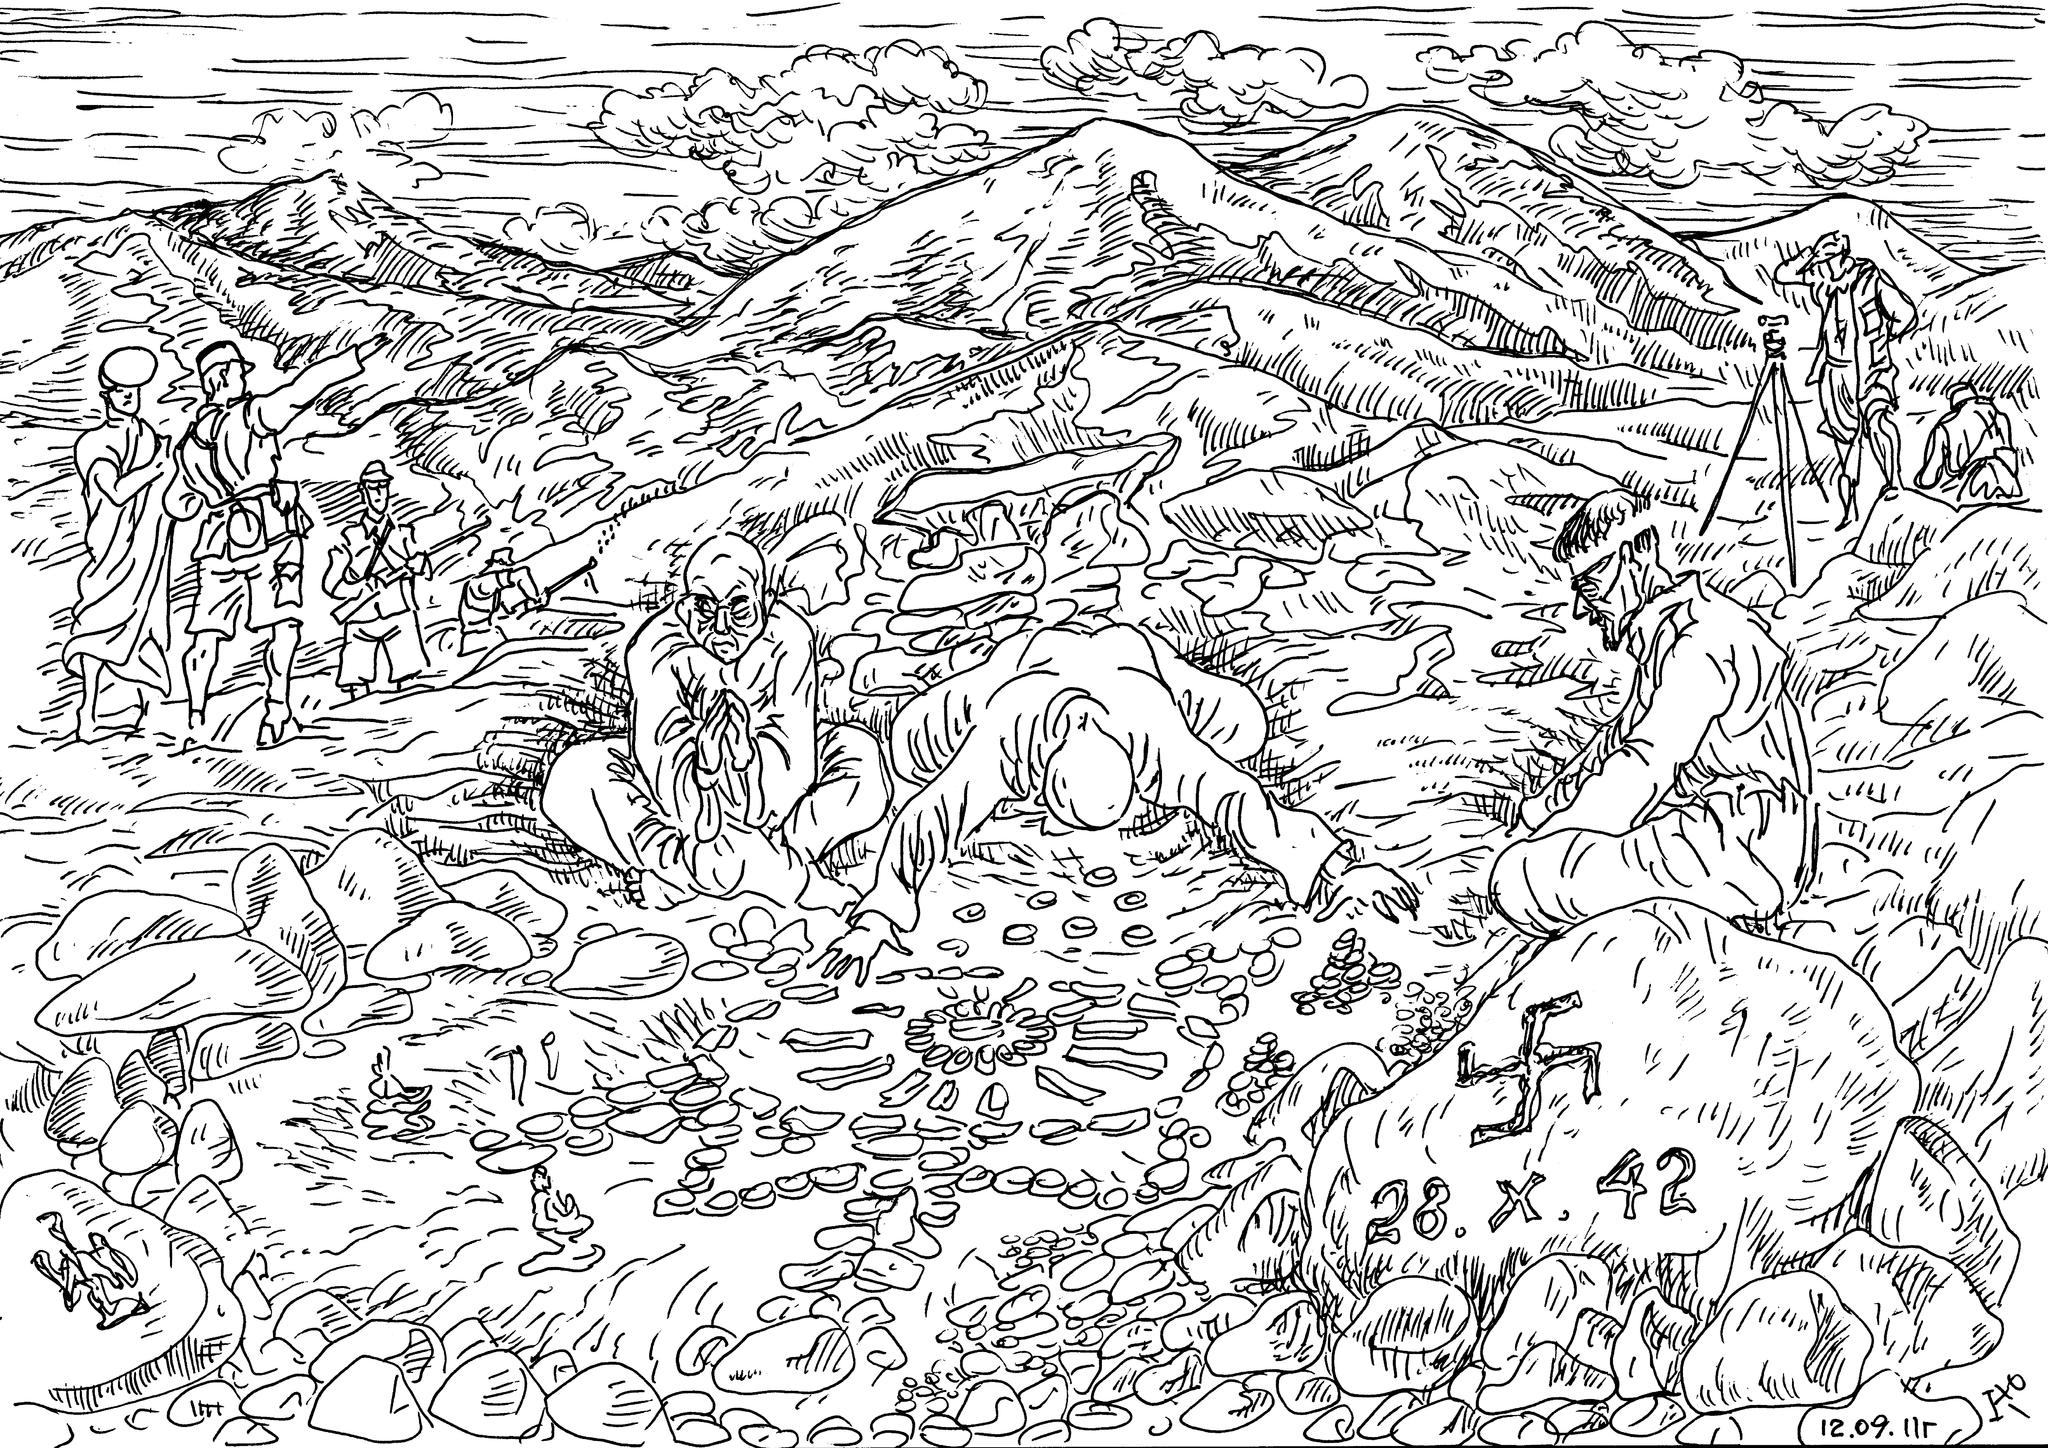 Немцы-эсэсовцы из общества «Аненербе» и тибетские монахи искали в горах портал для перемещений во-времени